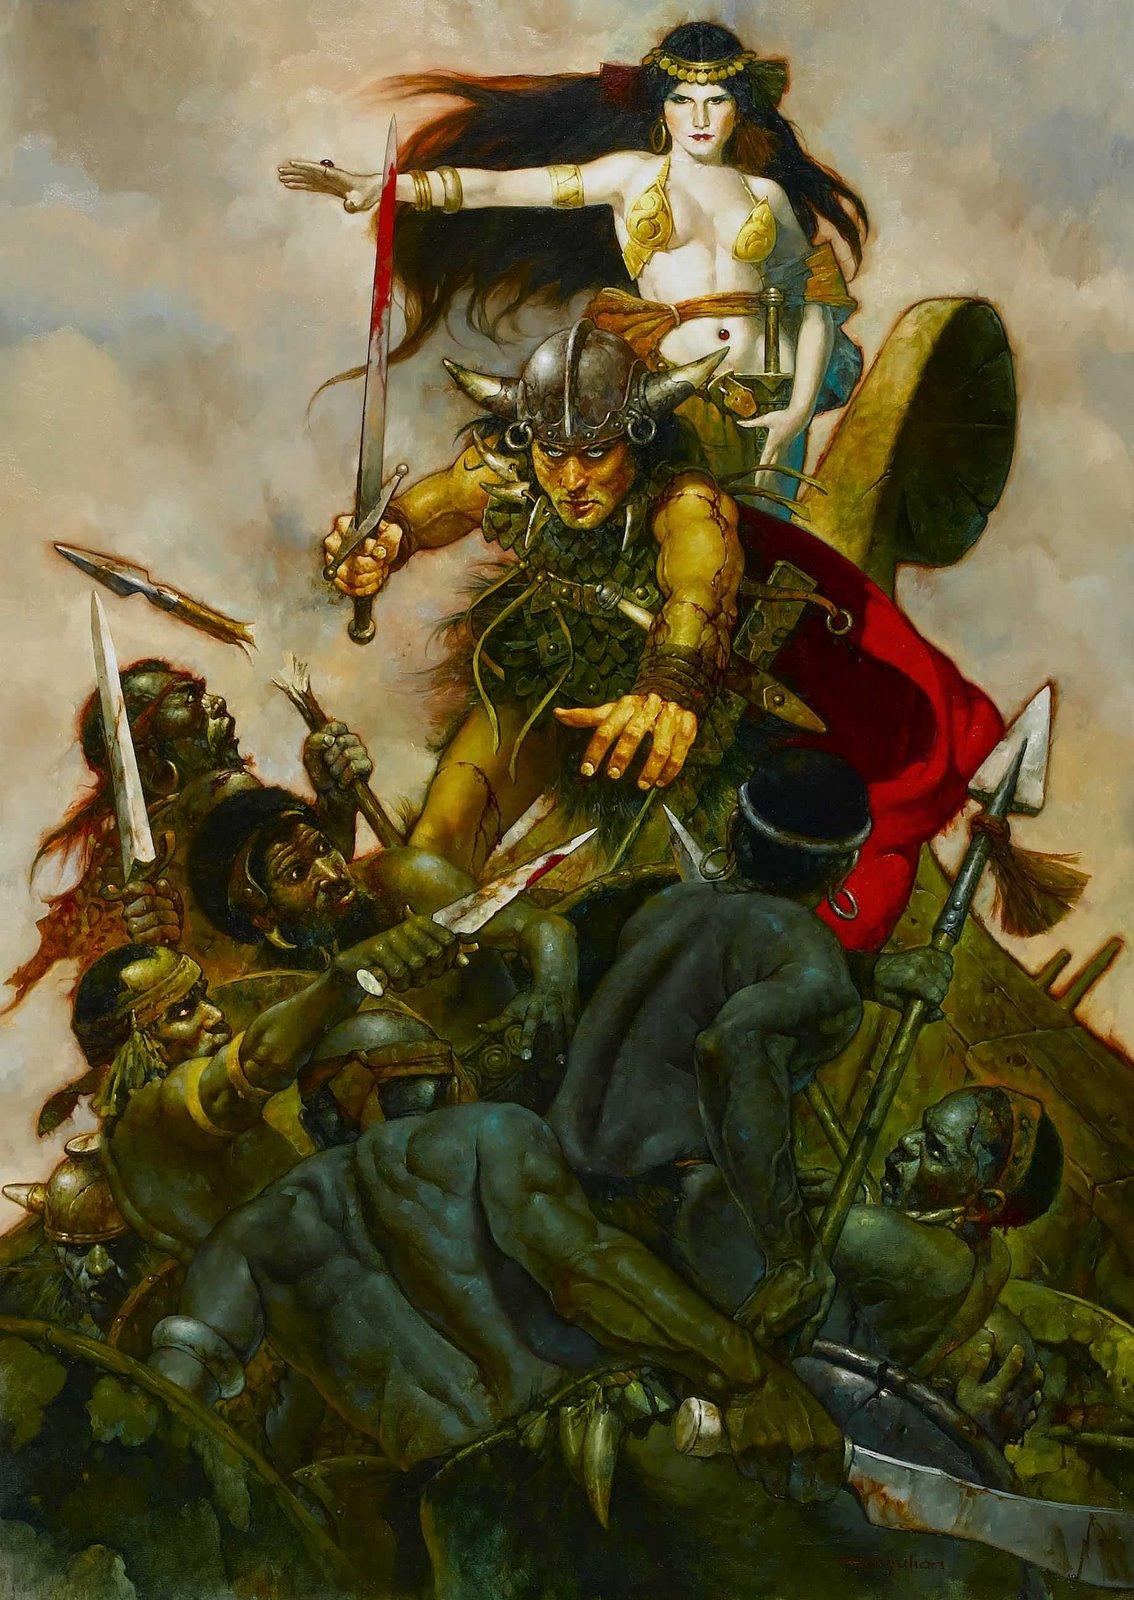 Imagens do cimério Conan4